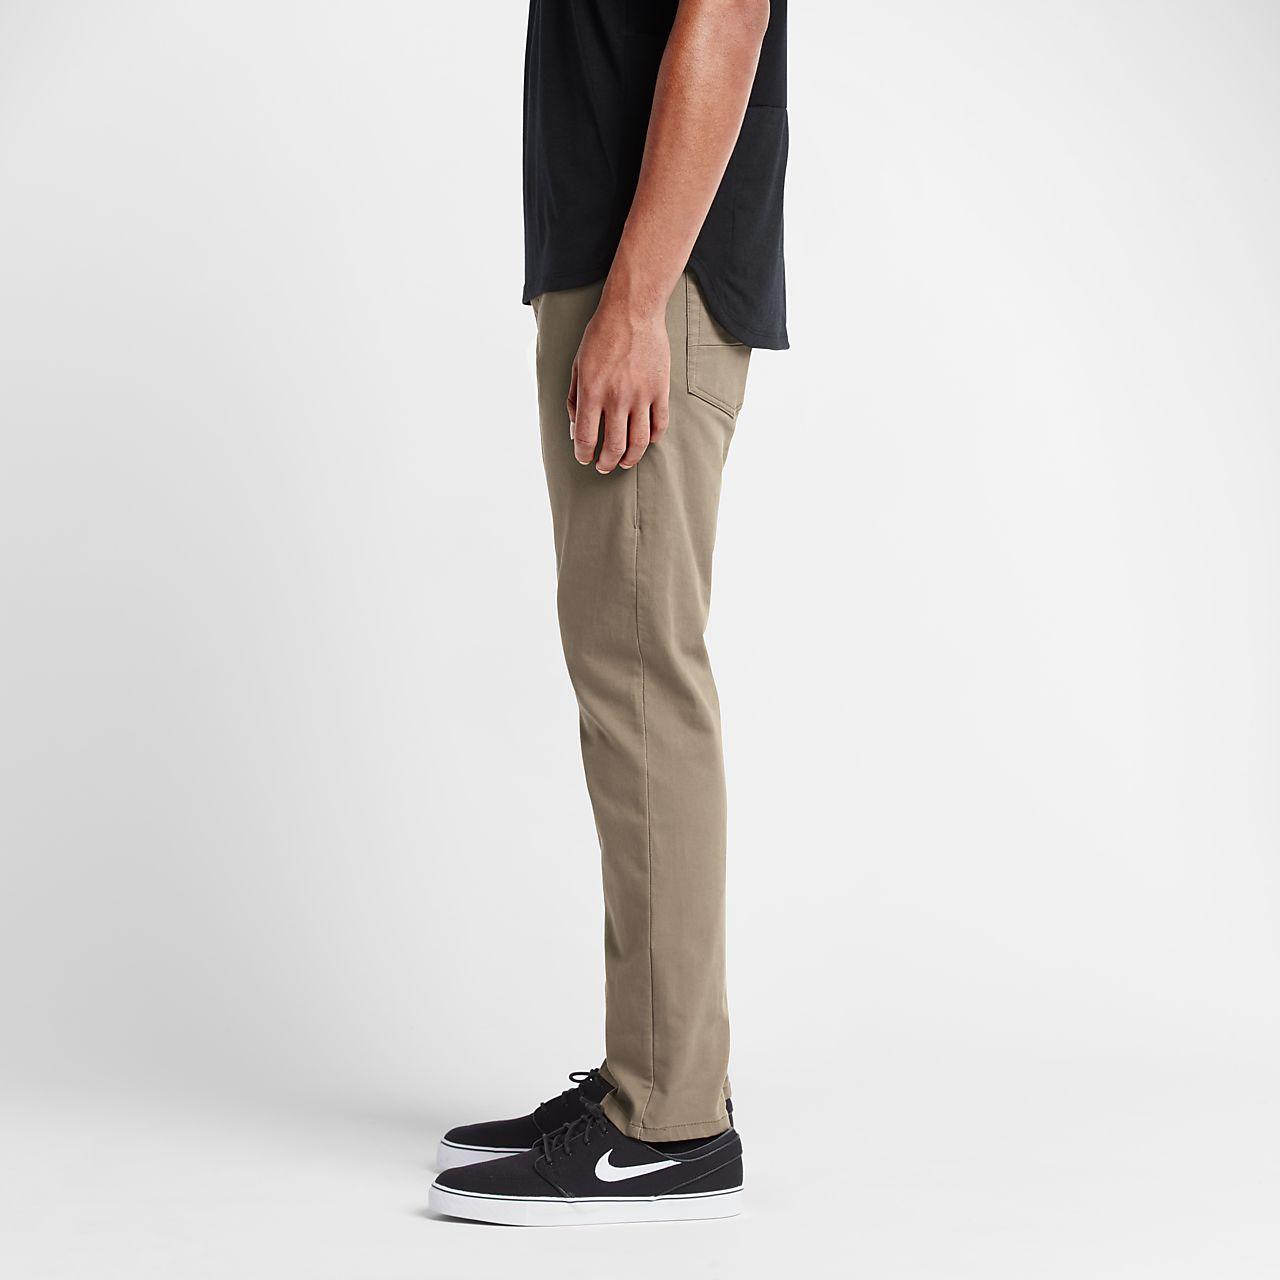 pantalon nike sb